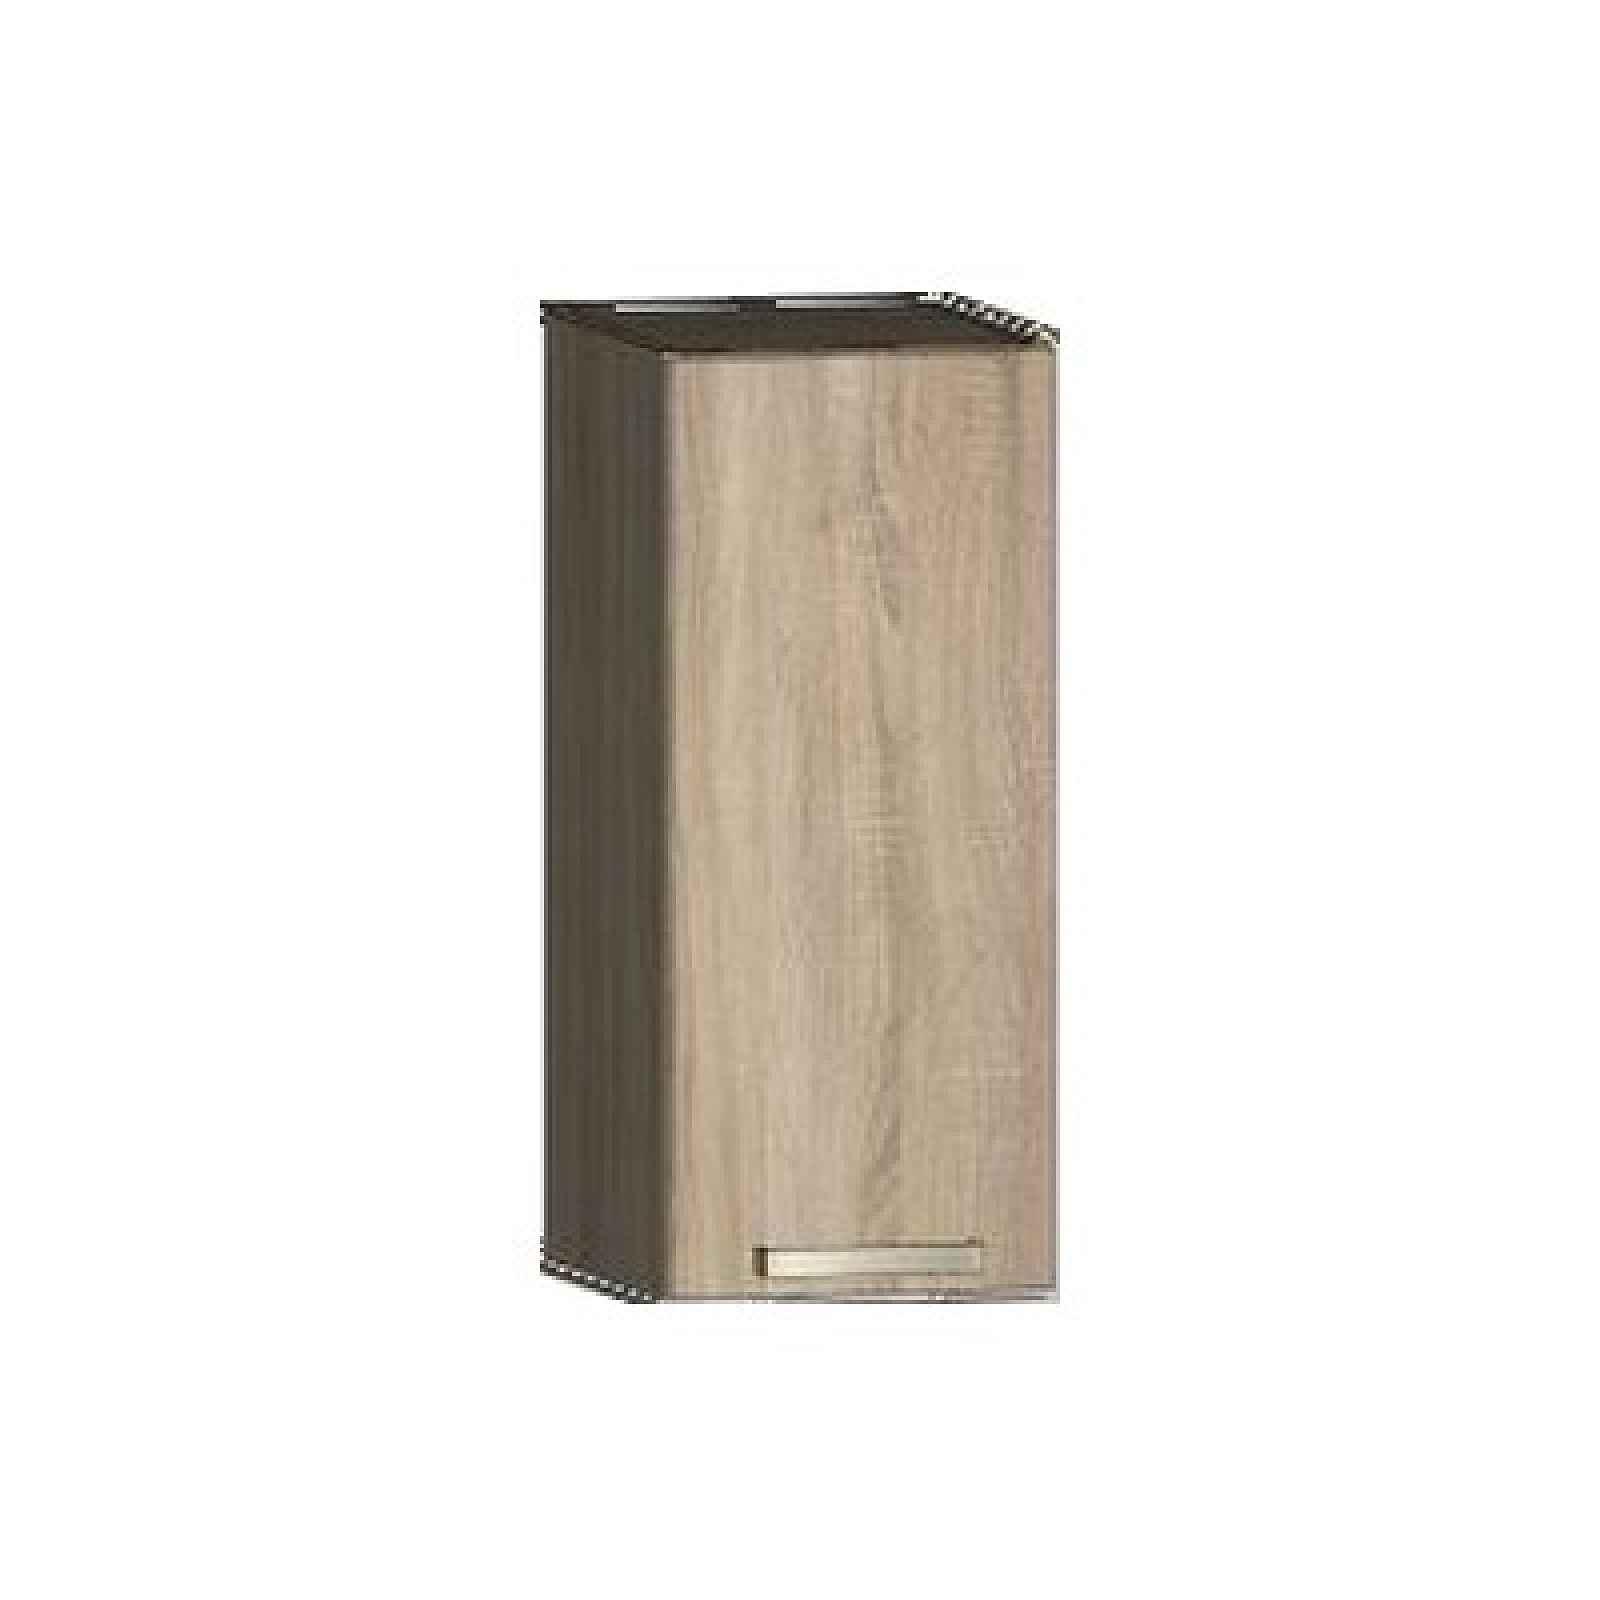 Horní kuchyňská skříňka One EH30, pravá, dub sonoma, šířka 30 cm